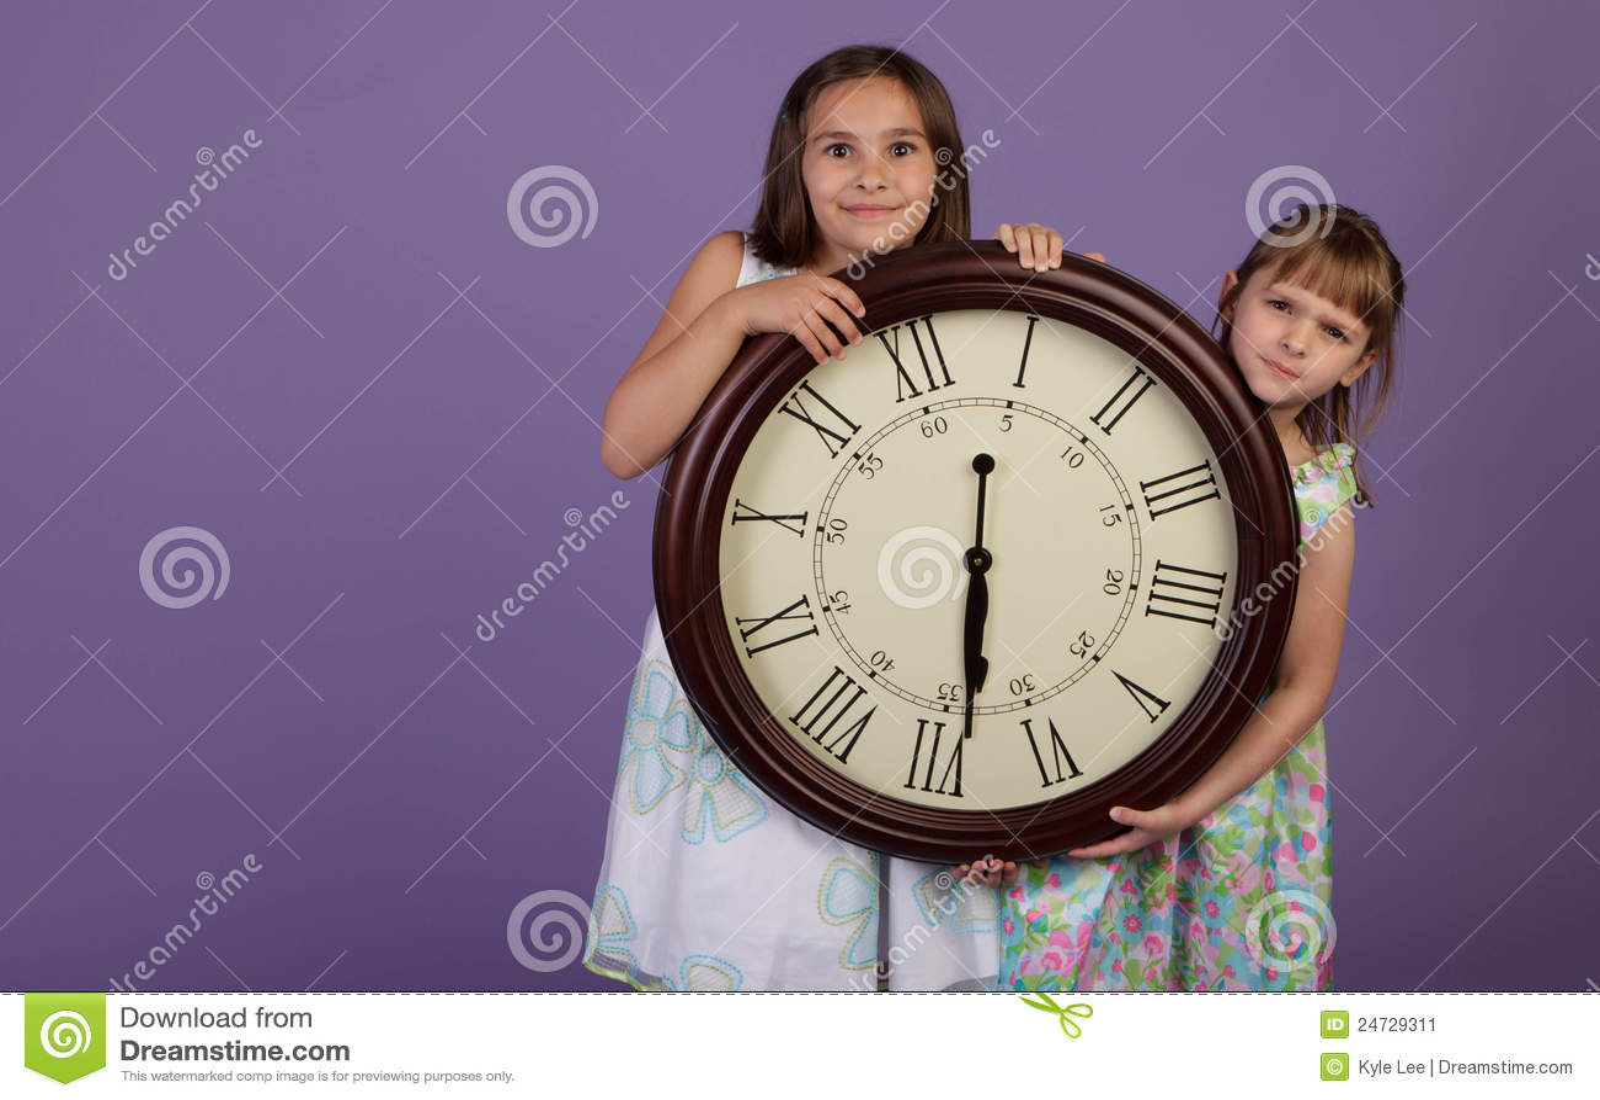 Reloj de pared digital grande - Relojes grandes de pared ...